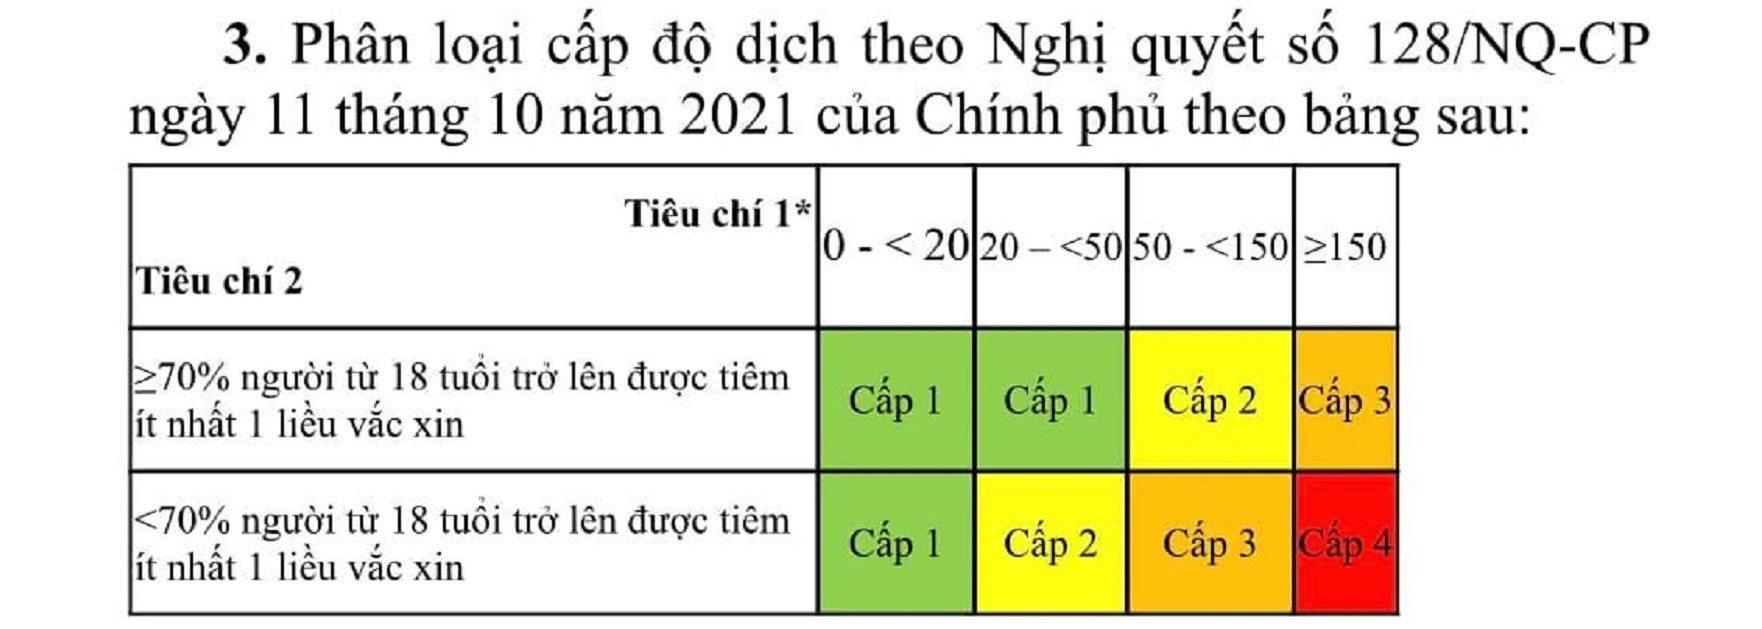 bo-y-te-huong-dan-3-tieu-chi-danh-gia-cap-do-dich-covid-19-de-thich-ung-an-toan-1.jpg